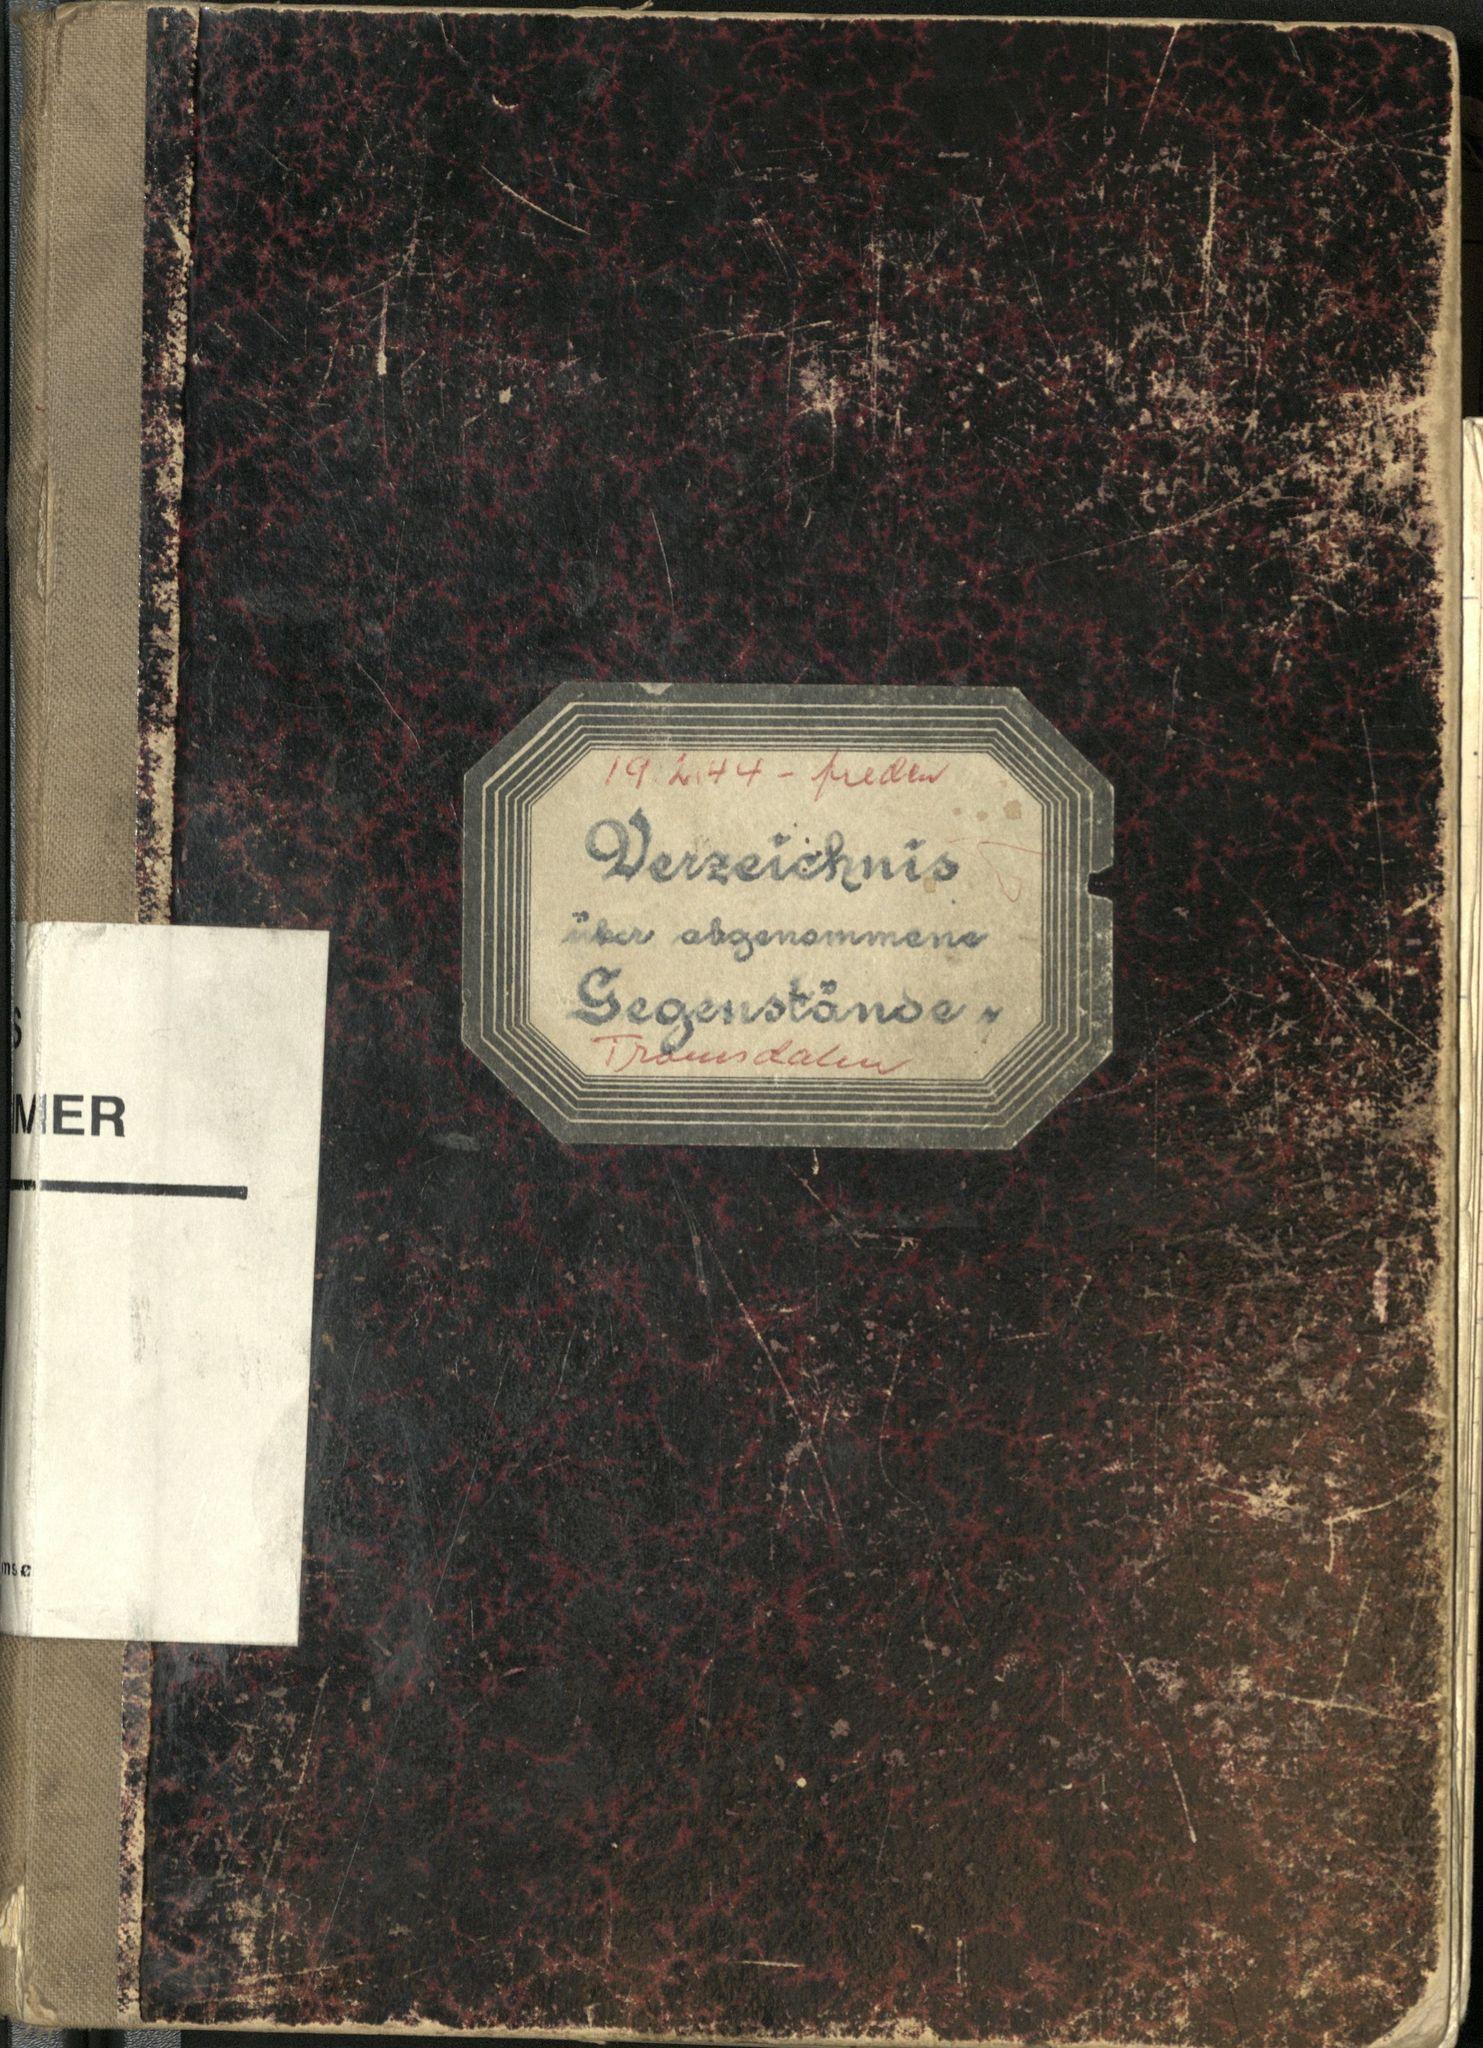 SATØ, Troms politikammer, M/Me/L2376: Forvarte eiendeler, 1944-1945